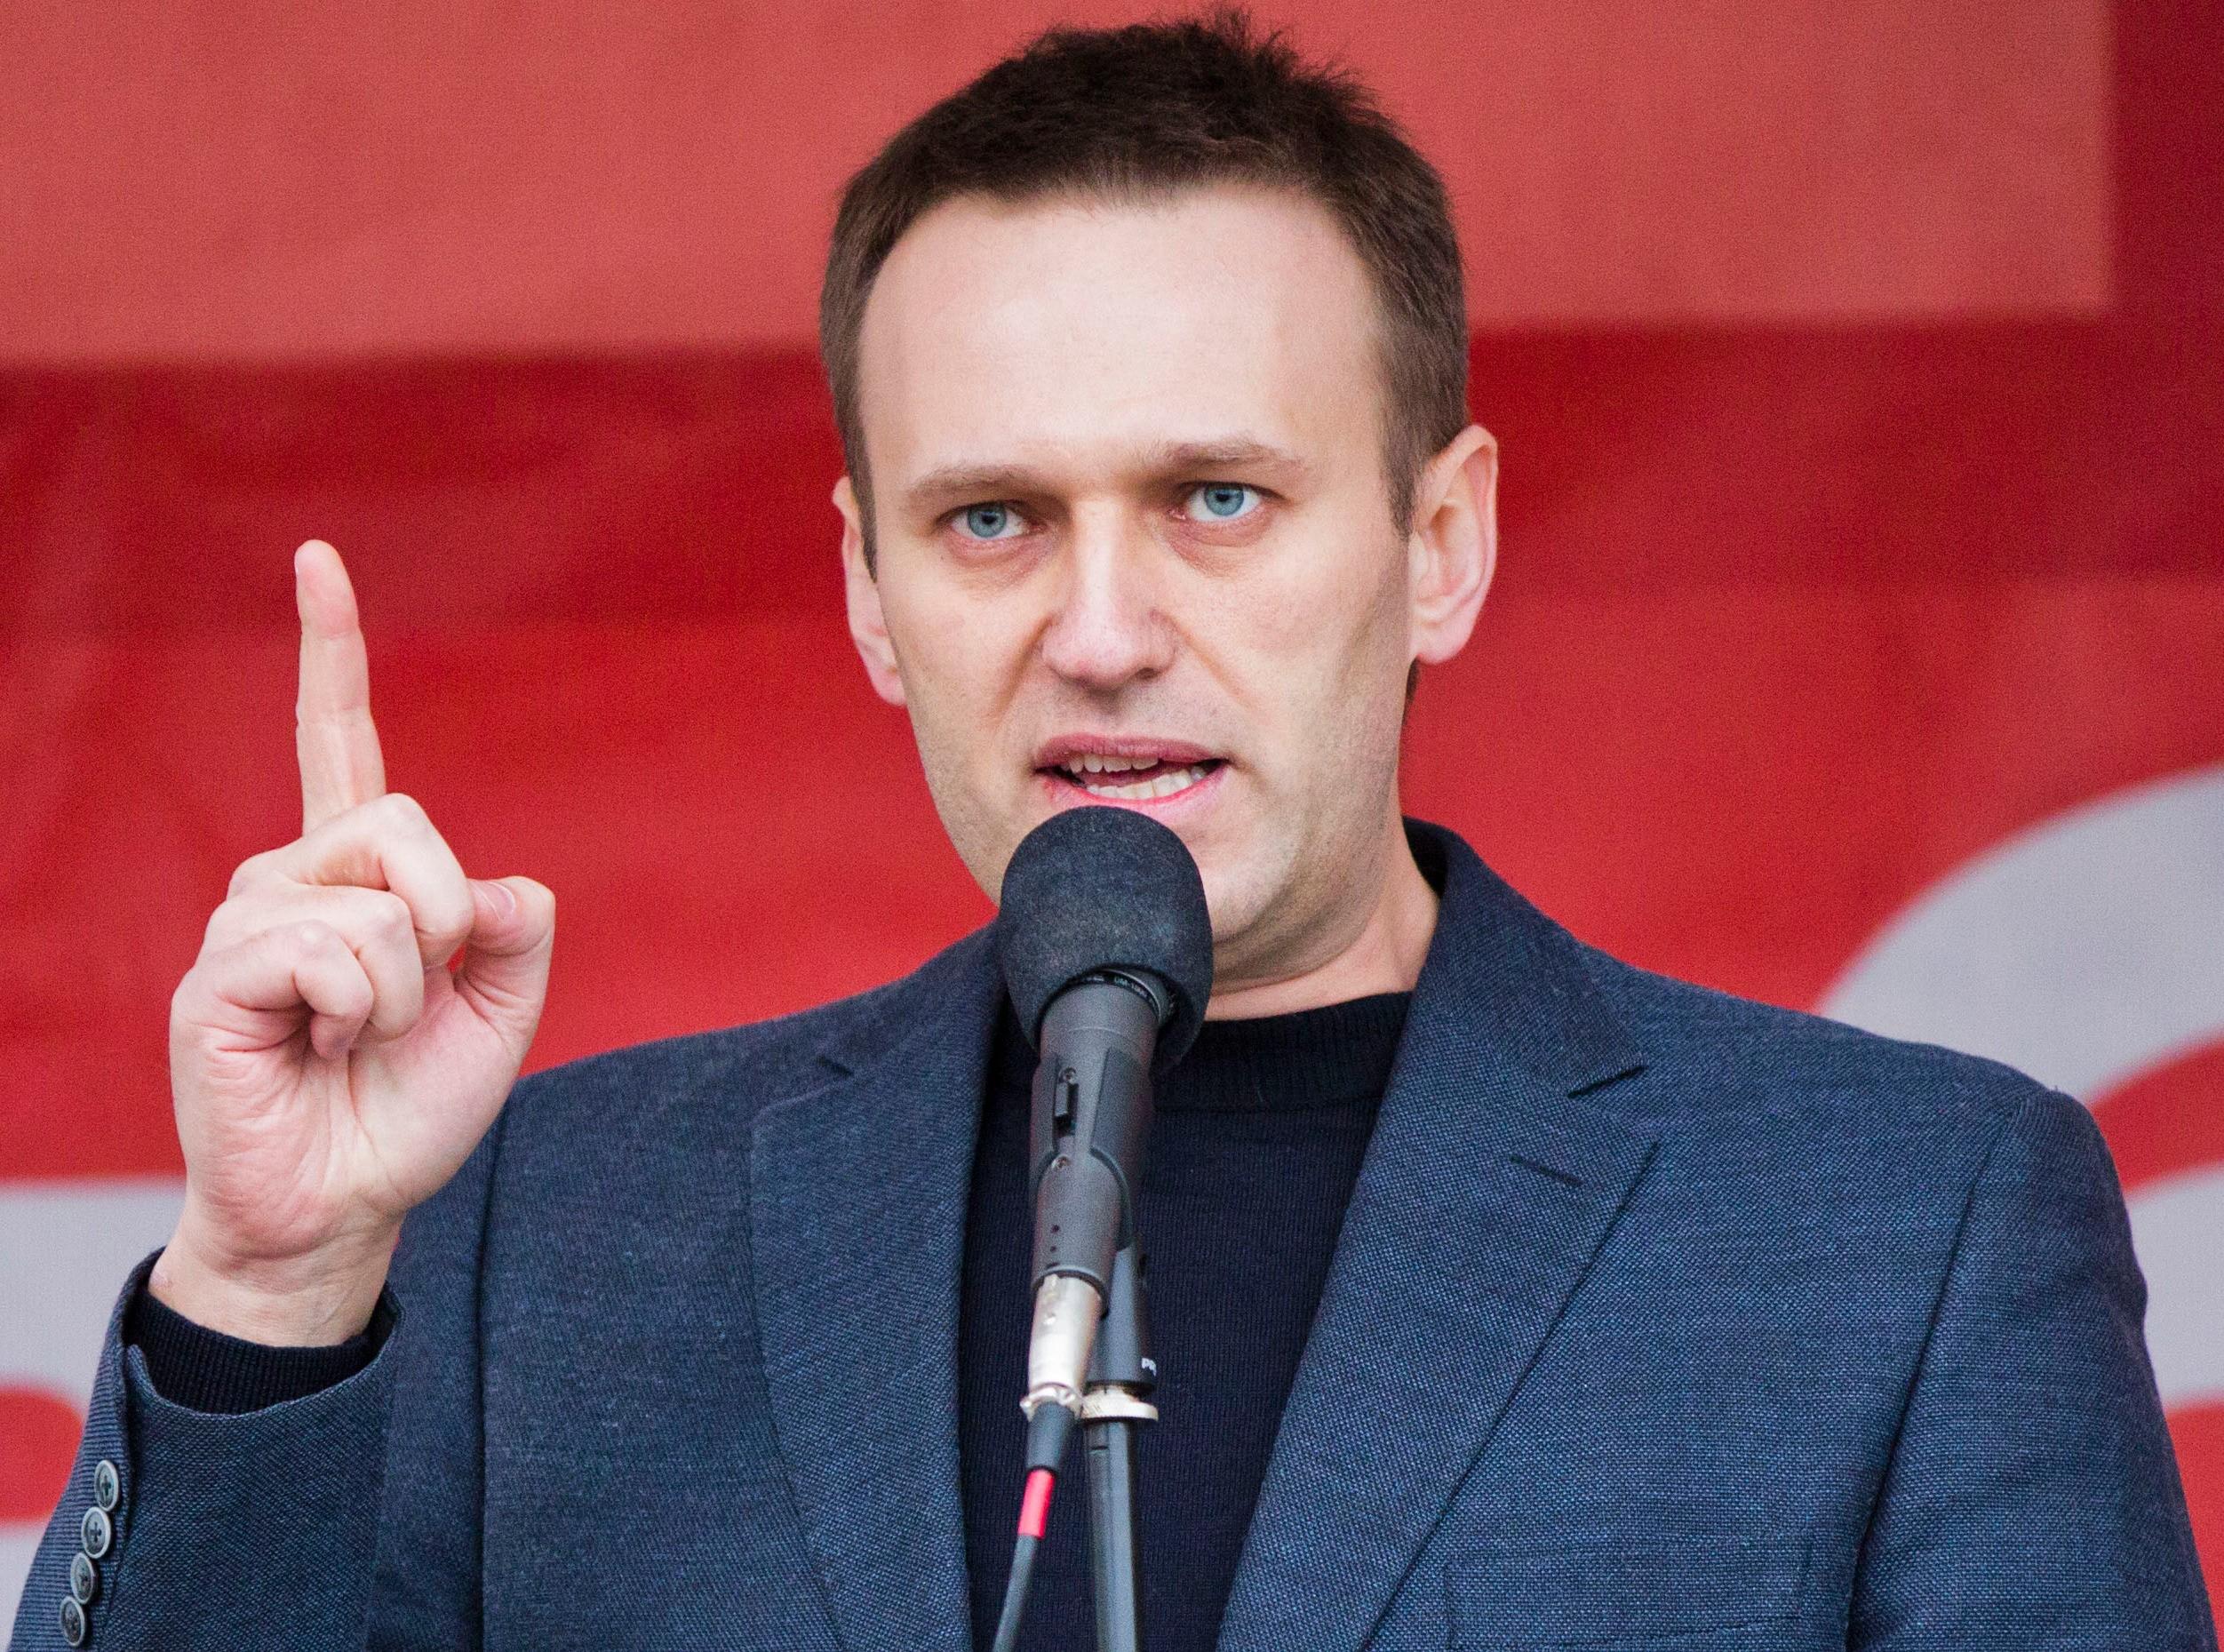 Памфилова поведала о 2-х чудесах, которые помогут Навальному попасть навыборы